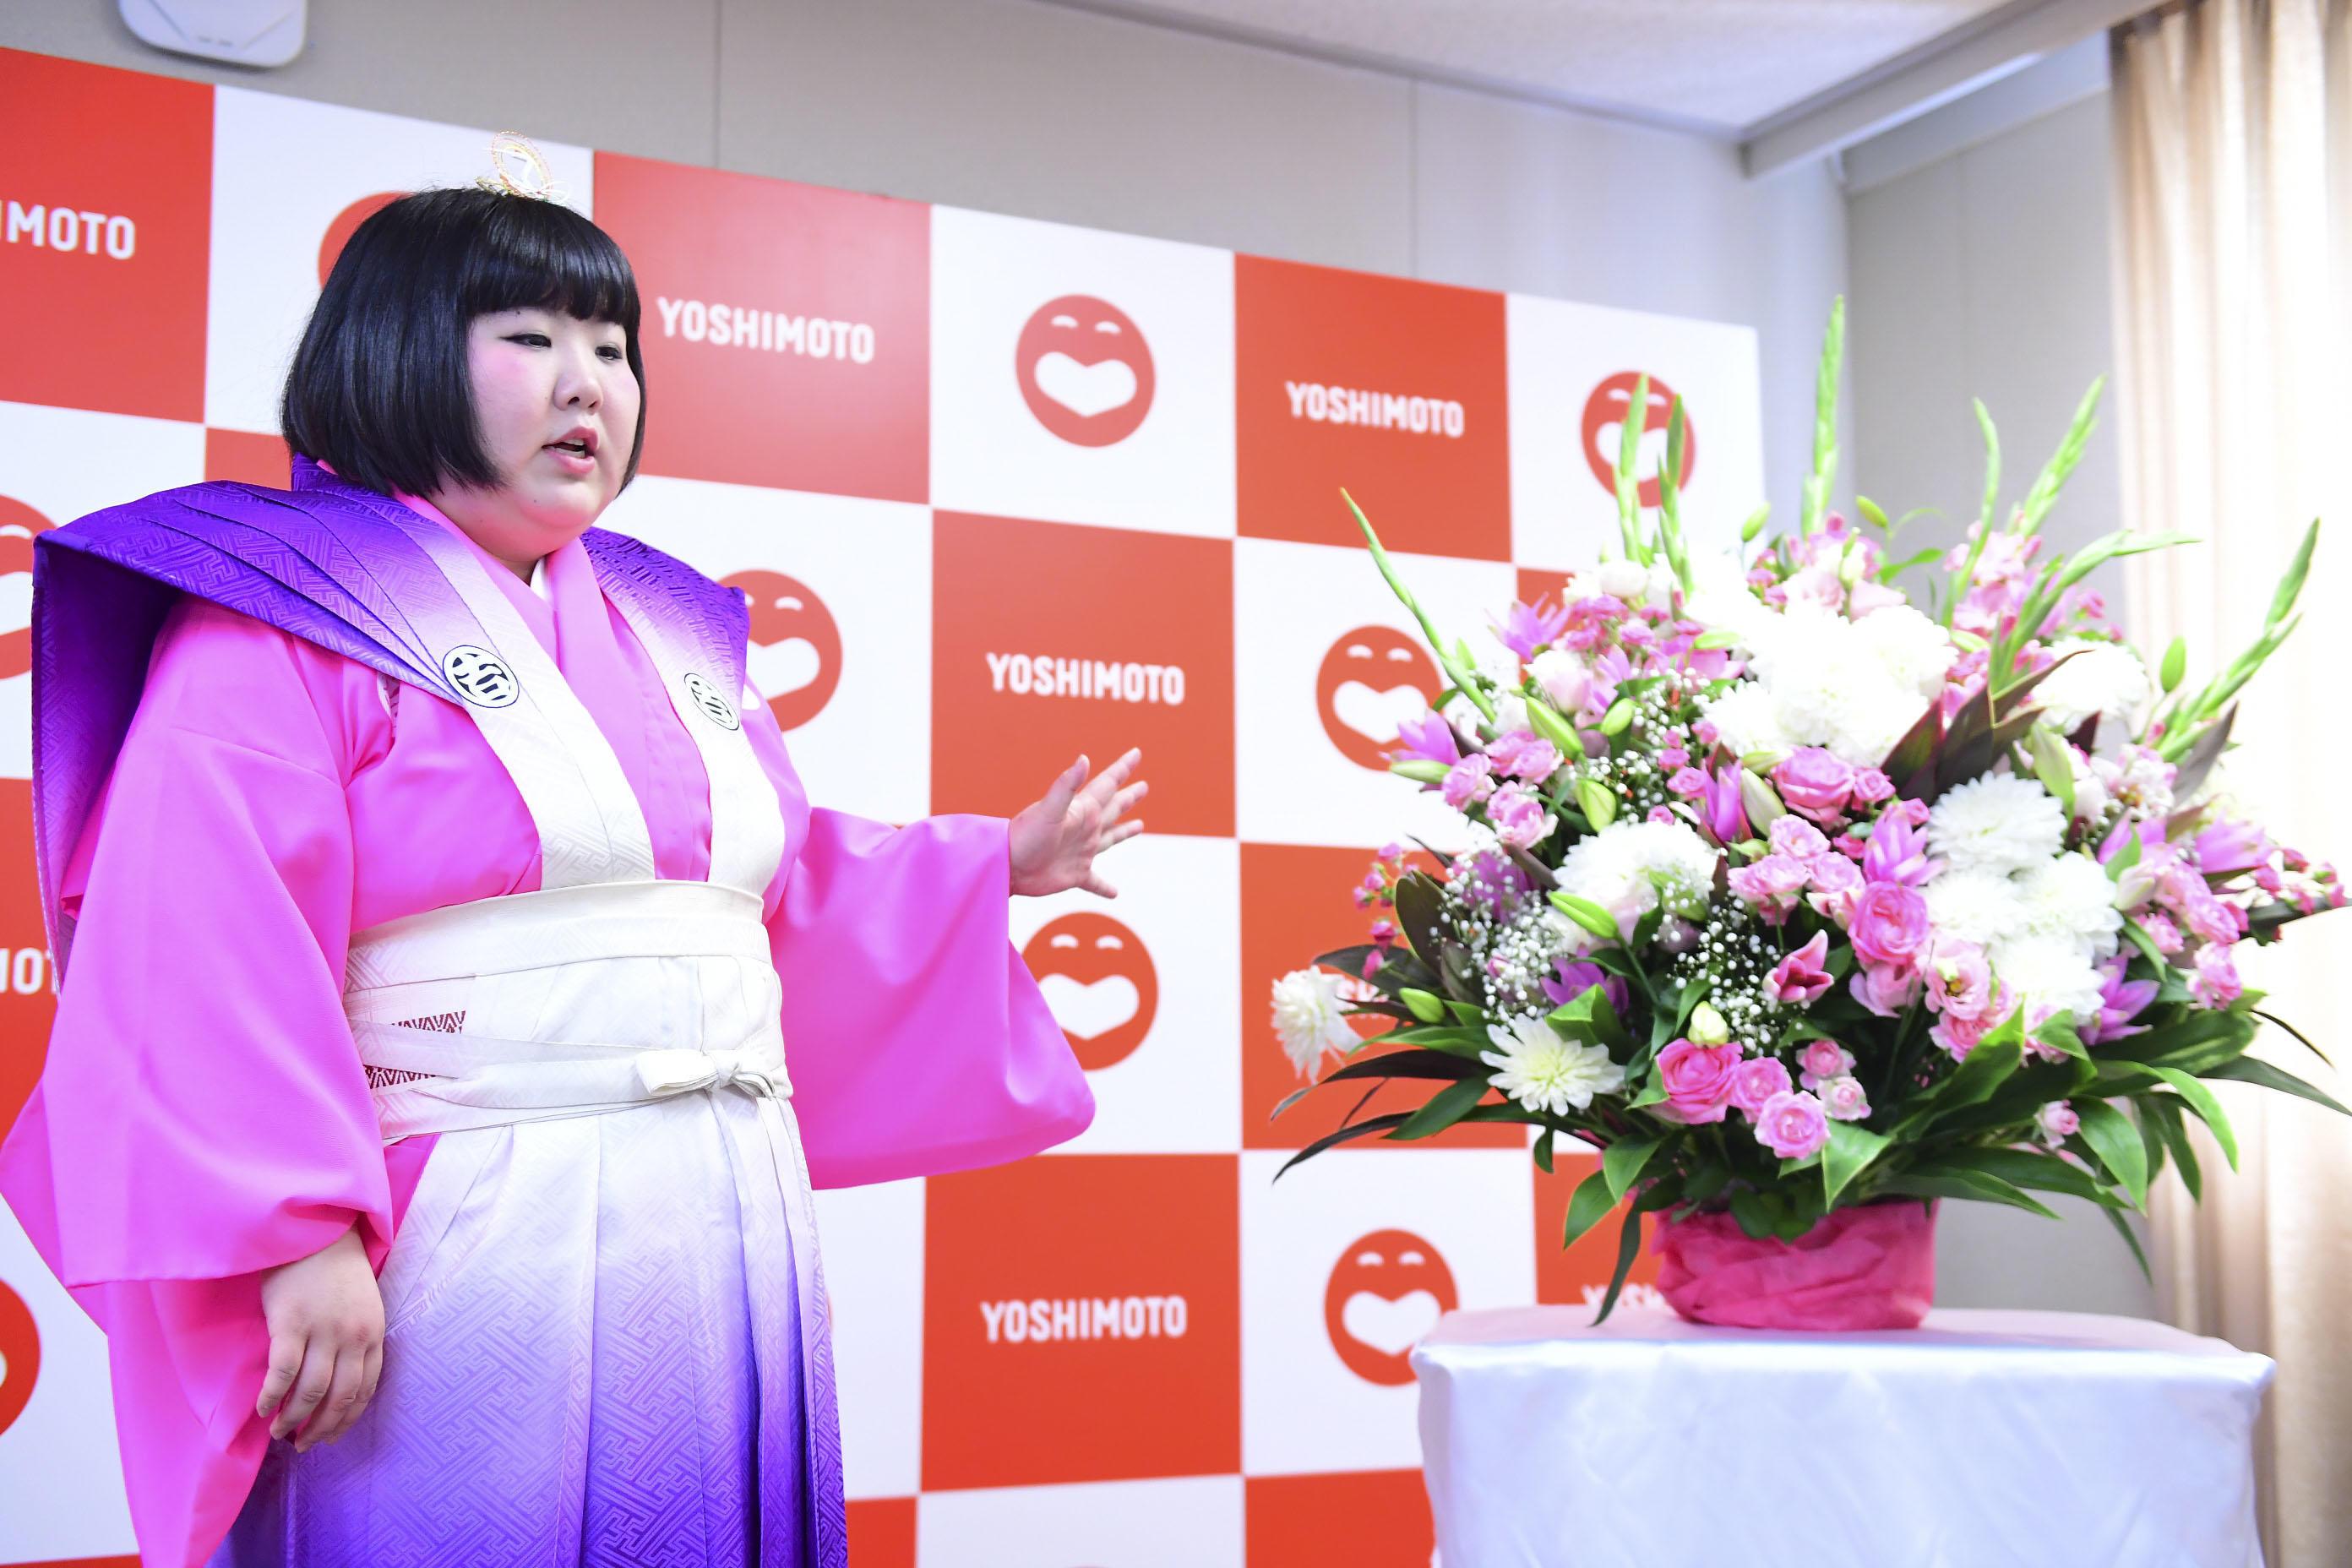 http://news.yoshimoto.co.jp/20170728005627-0a2a1128b4401c949d995edf99ab53a76b28f34f.jpg